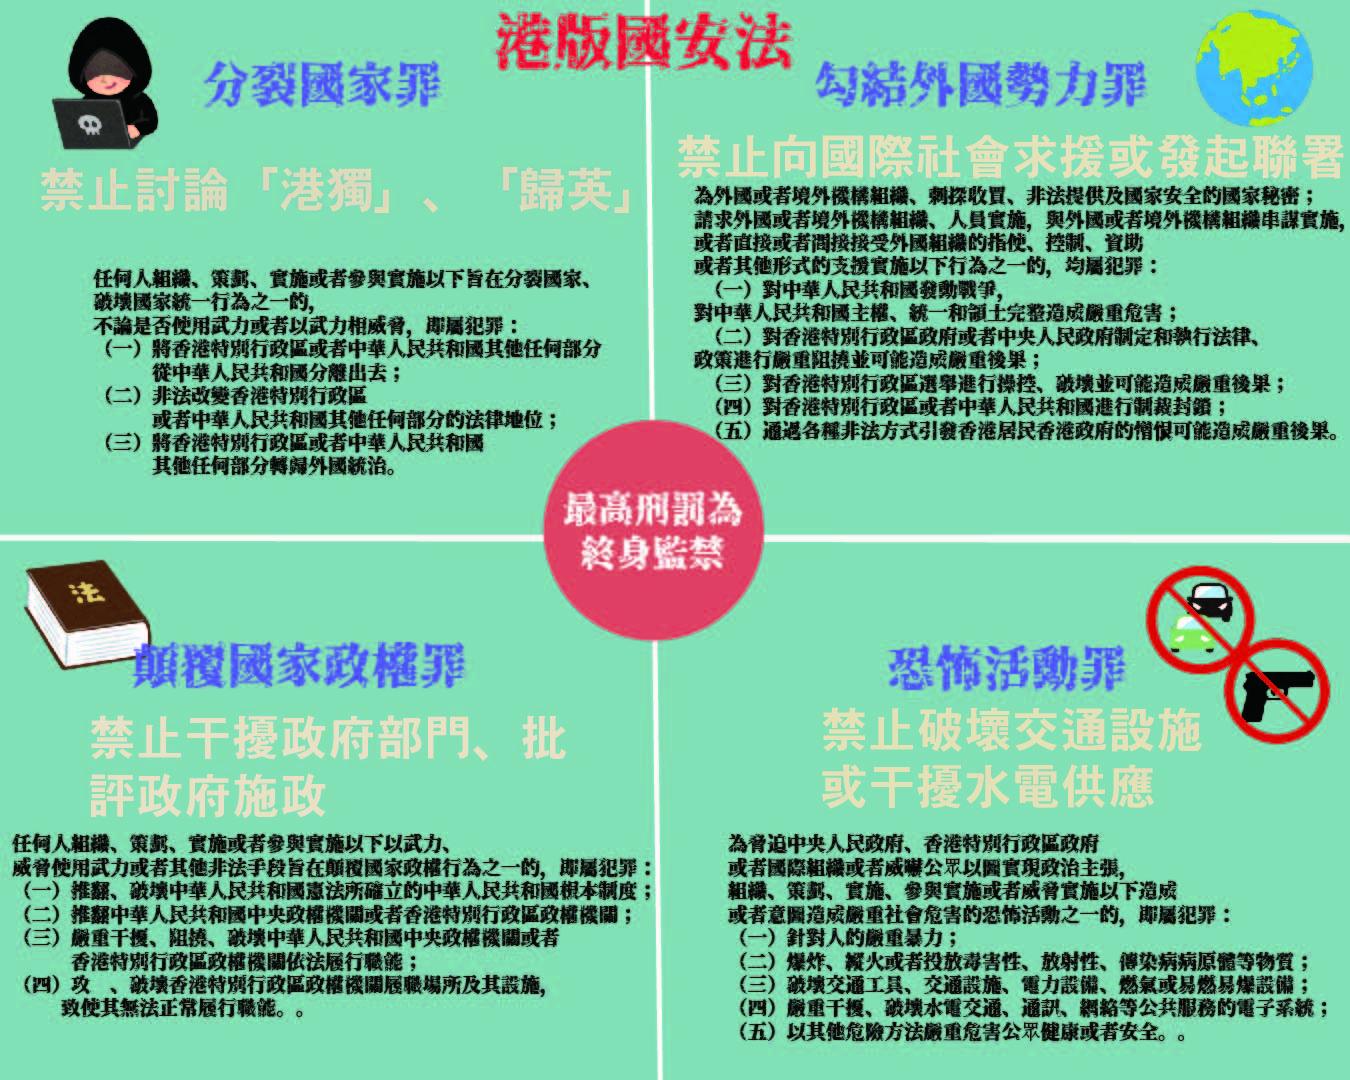 港版國安法四大宗罪簡介。製圖/莊蕙如、資料來源/維基百科